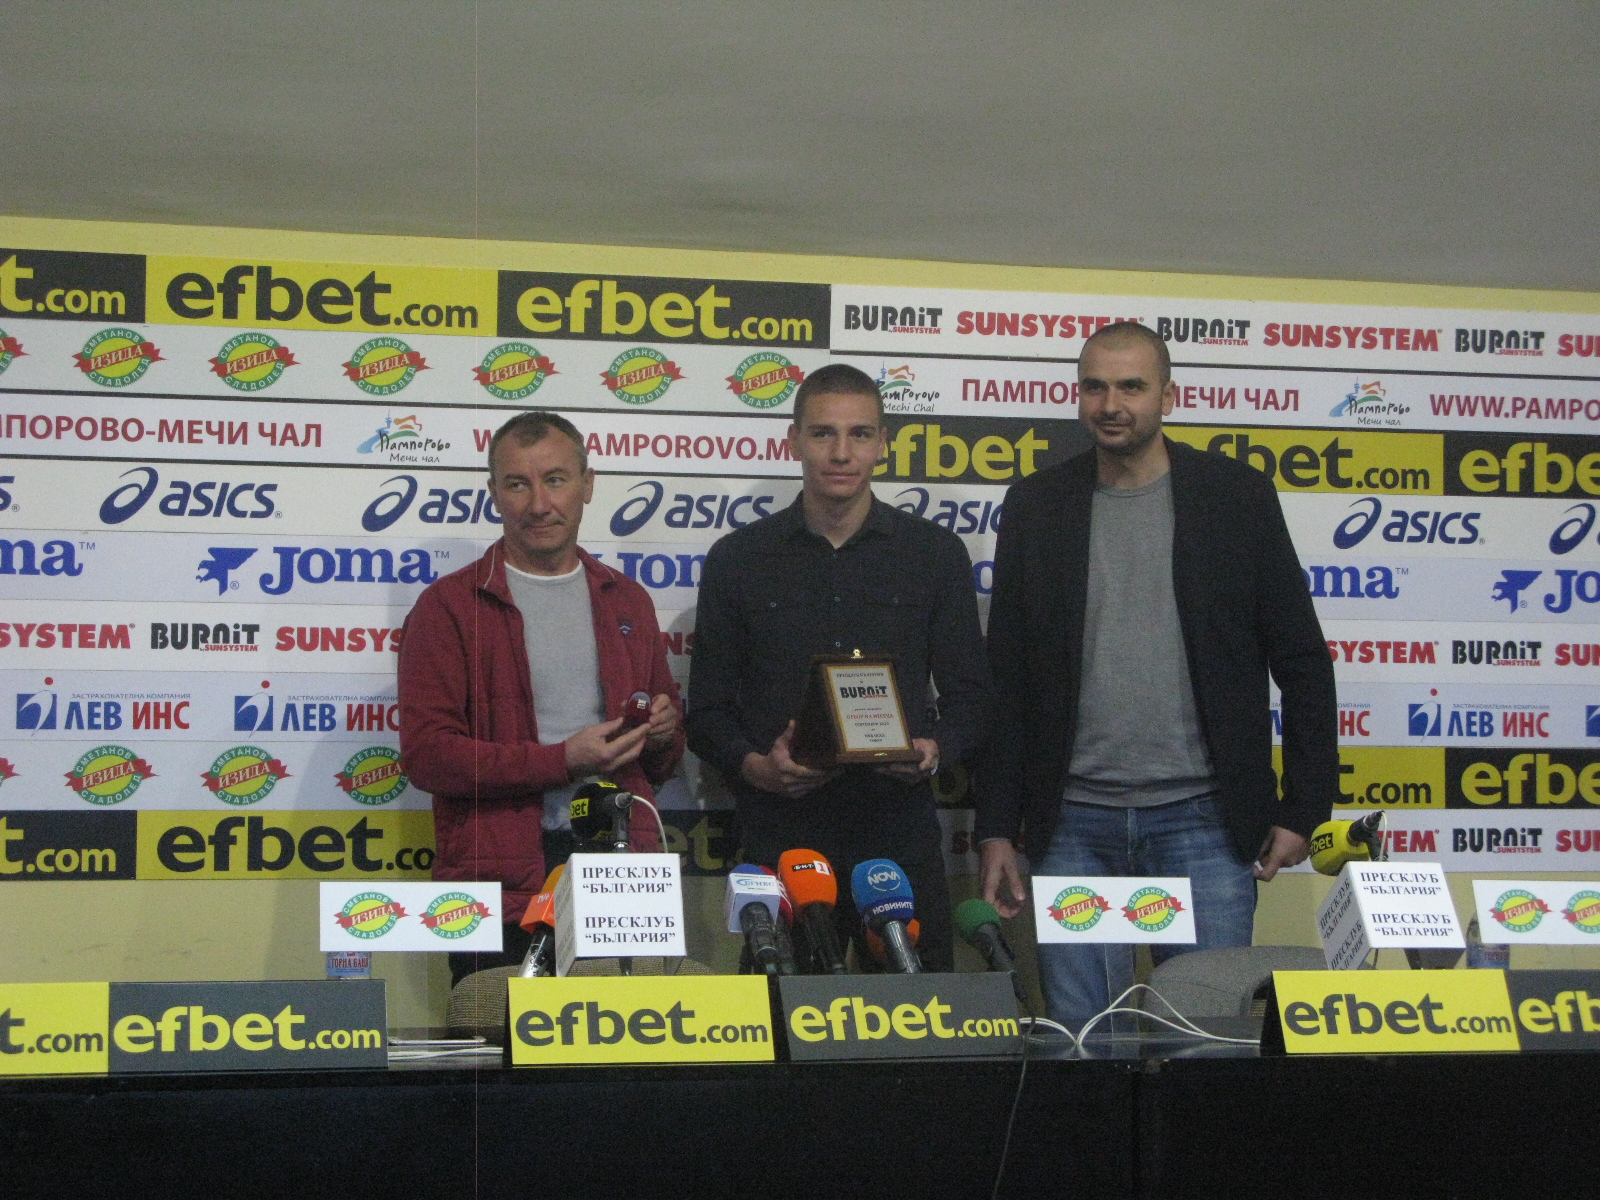 ПФК ЦСКА и Стамен Белчев са №1 за септември